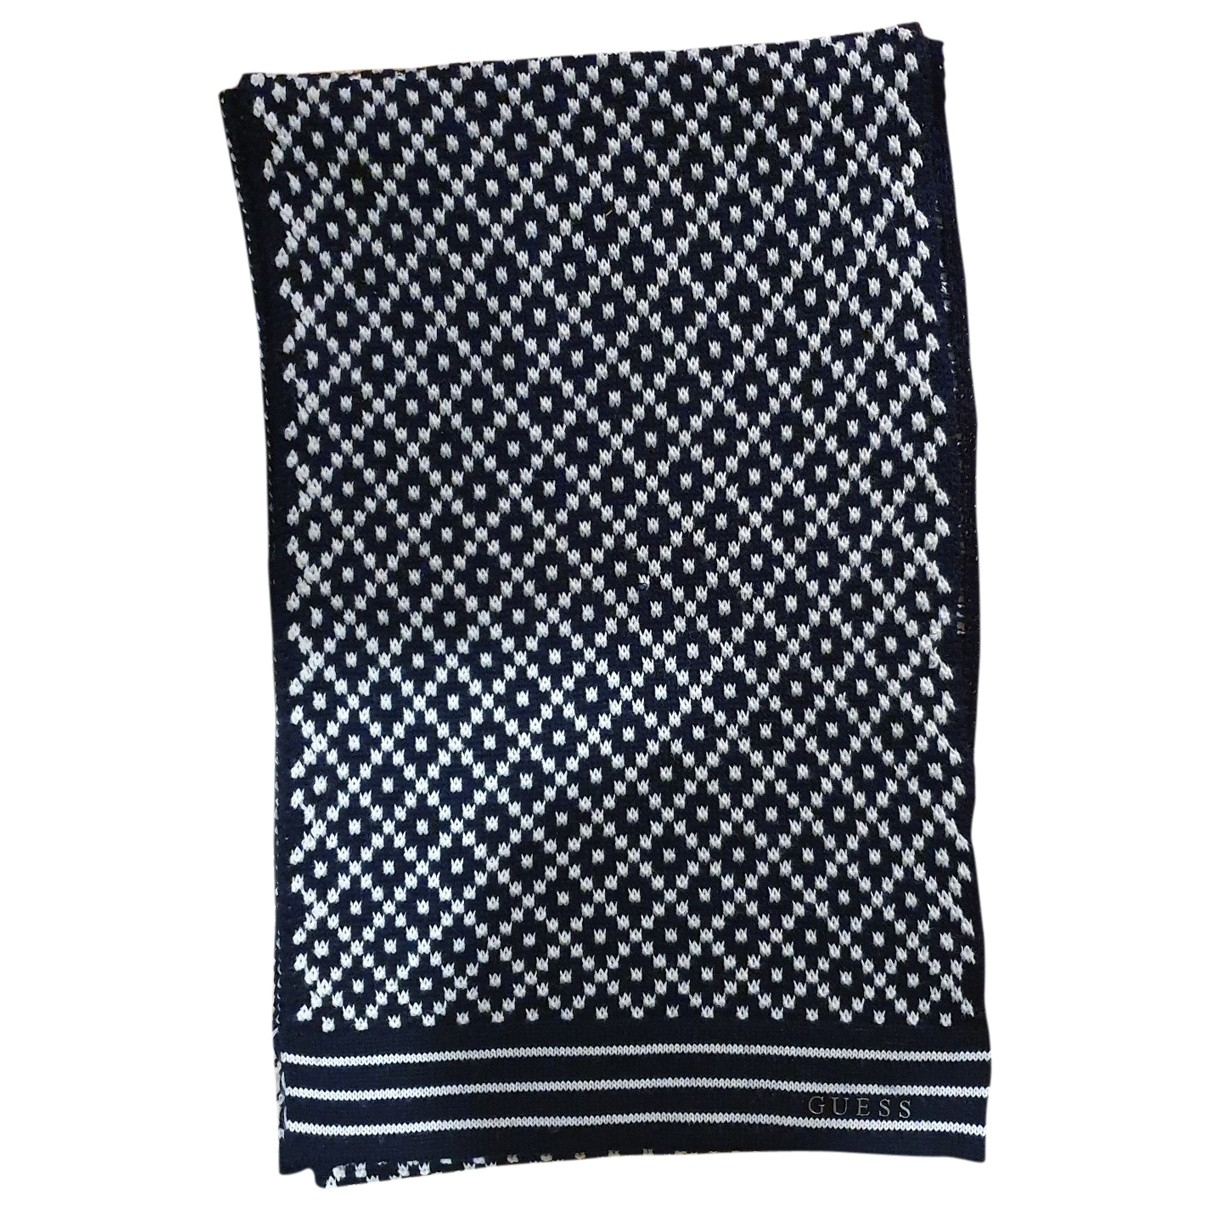 Guess - Foulard   pour femme en laine - bleu